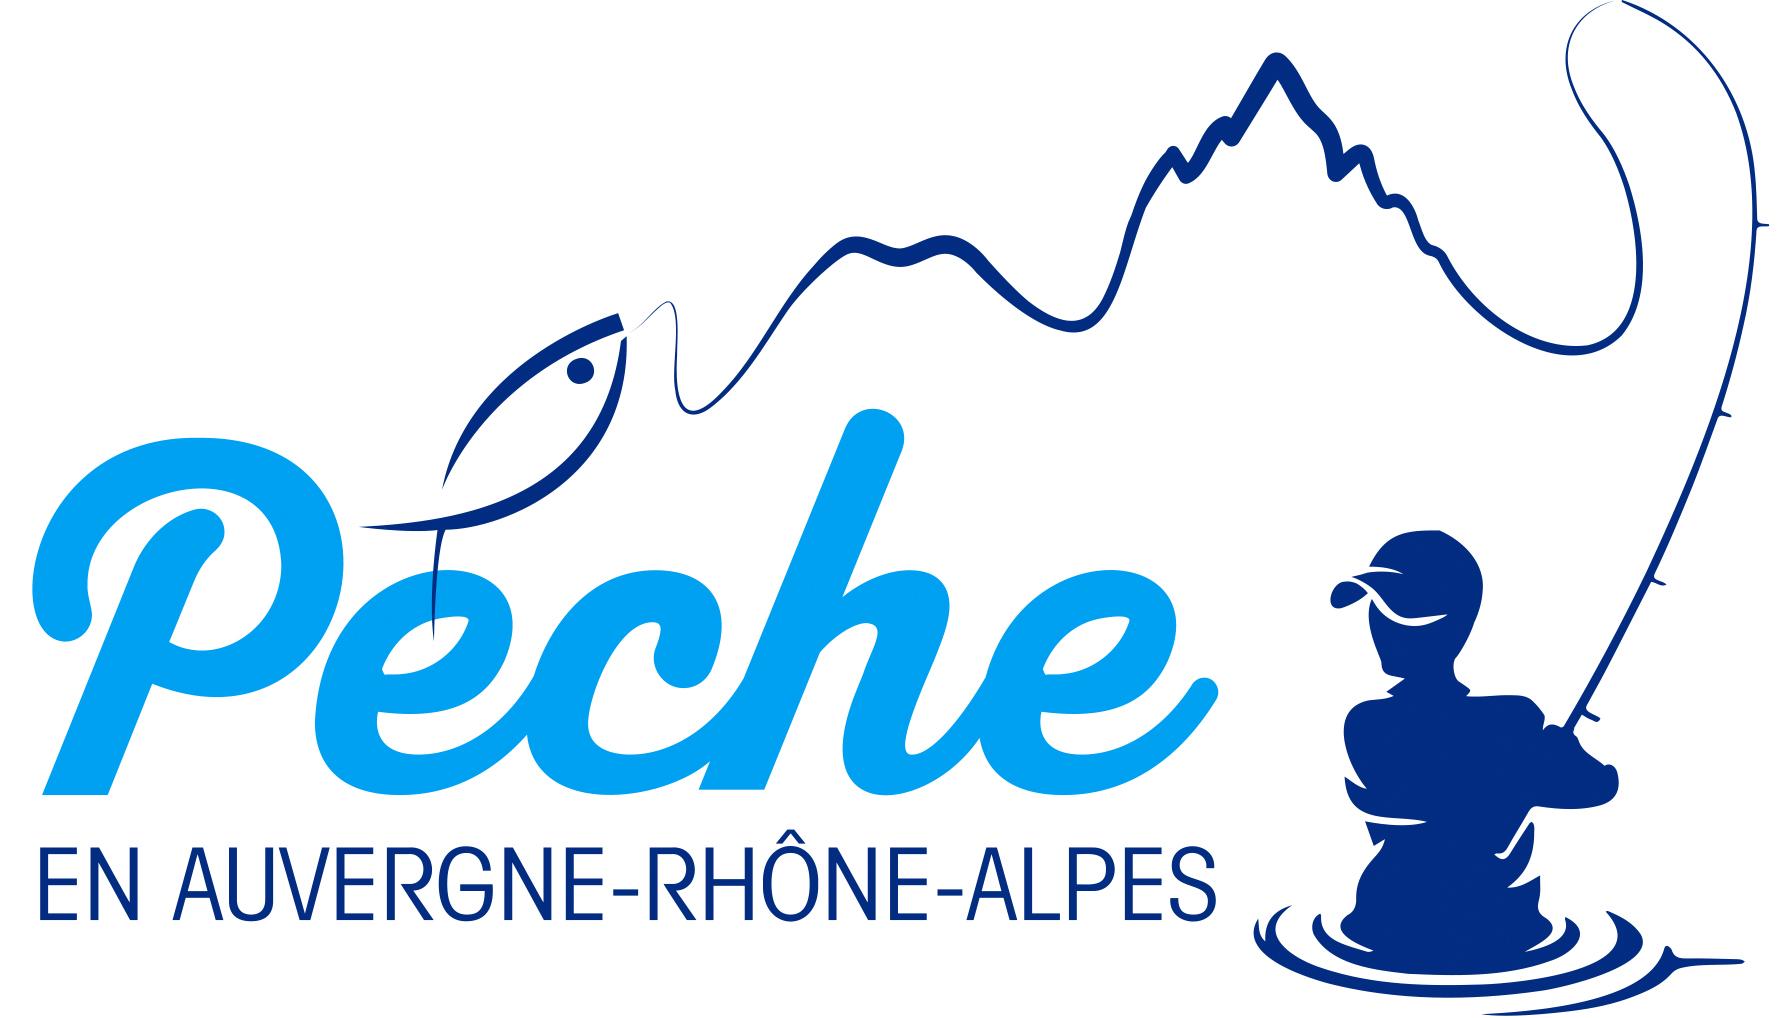 Sites De Peche Emblematiques En Auvergne Rhone Alpes Arpara